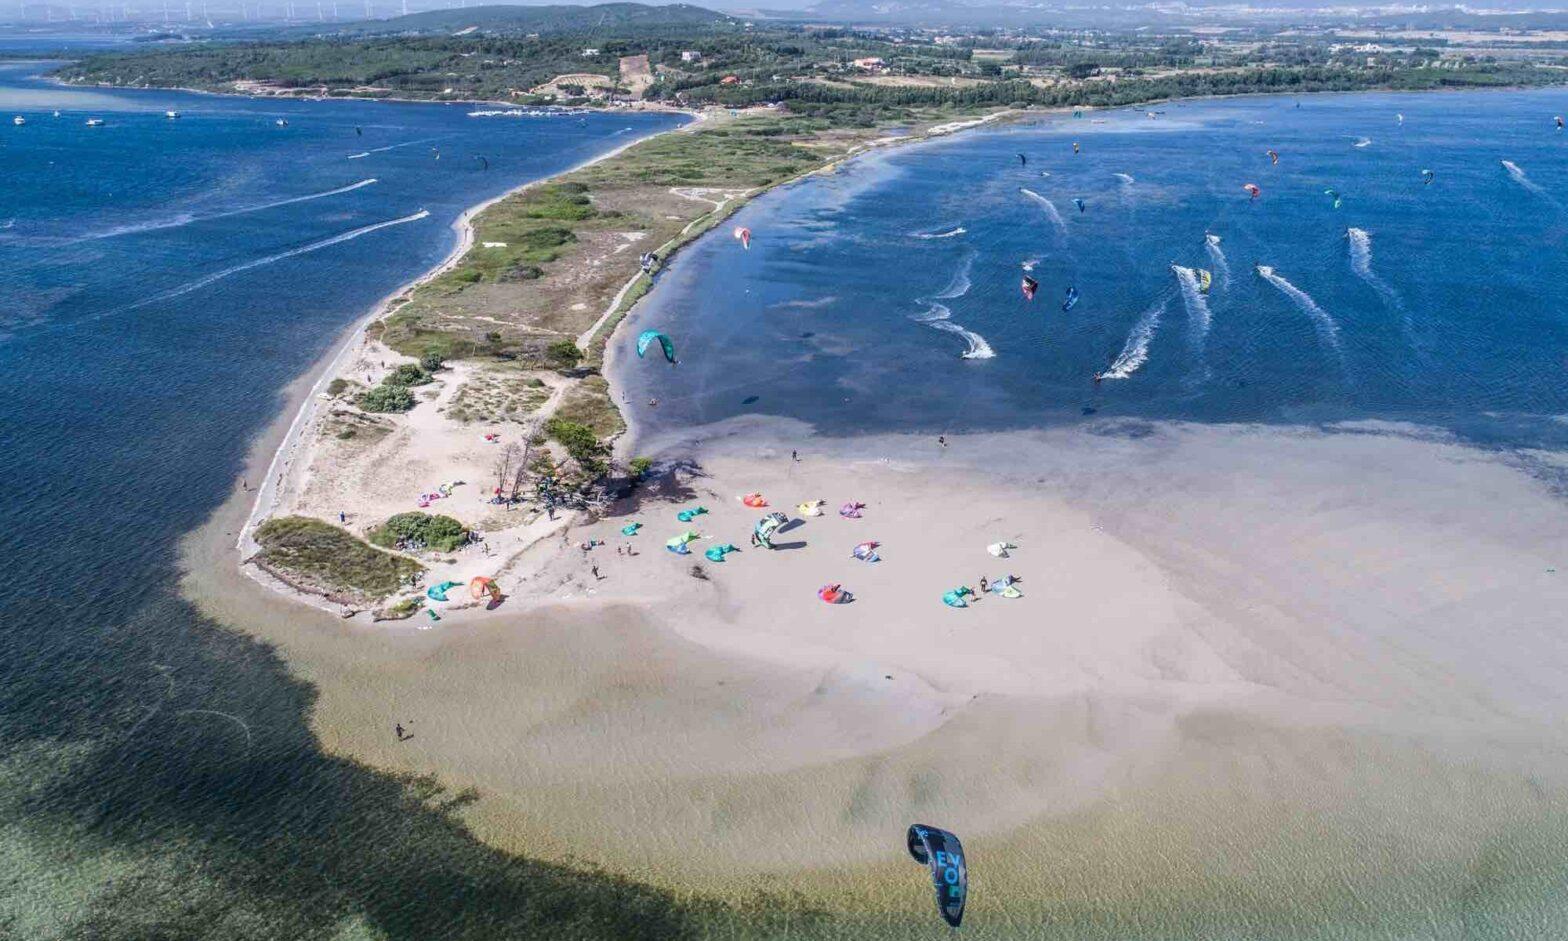 KItesurfing Punta Trettu